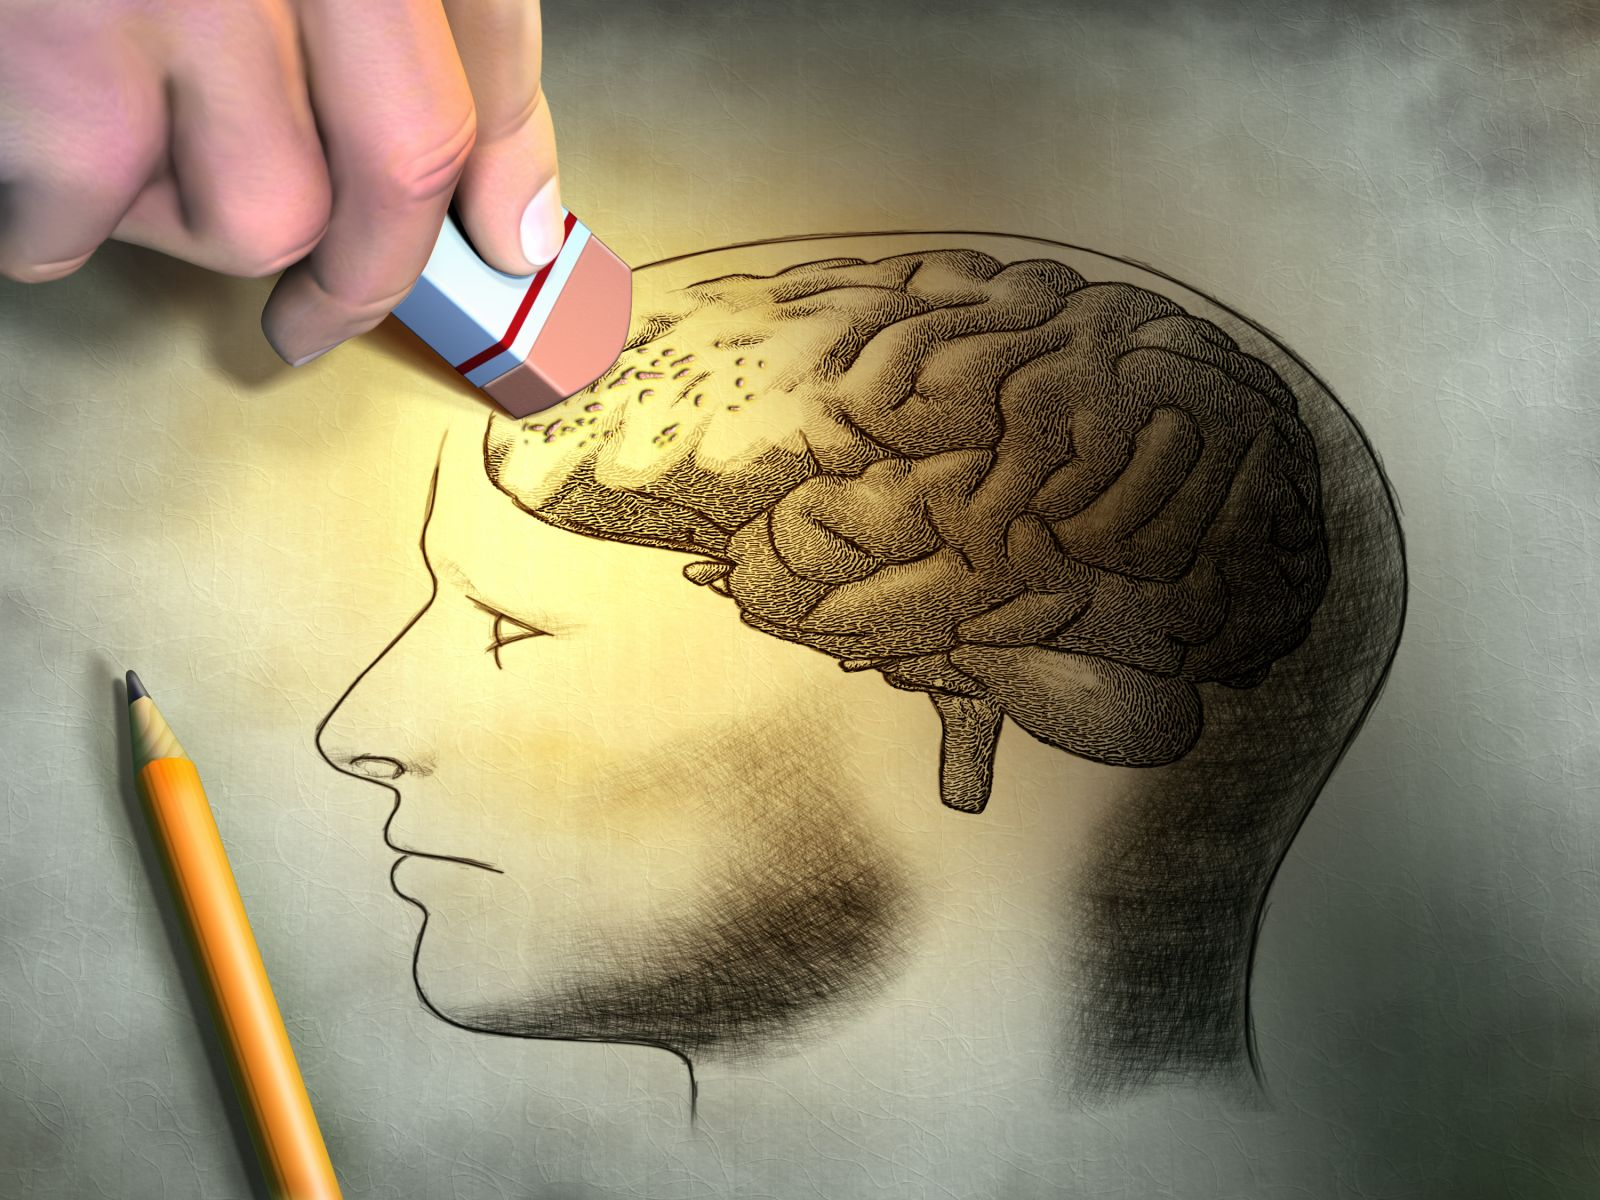 Hasil gambar untuk dementia